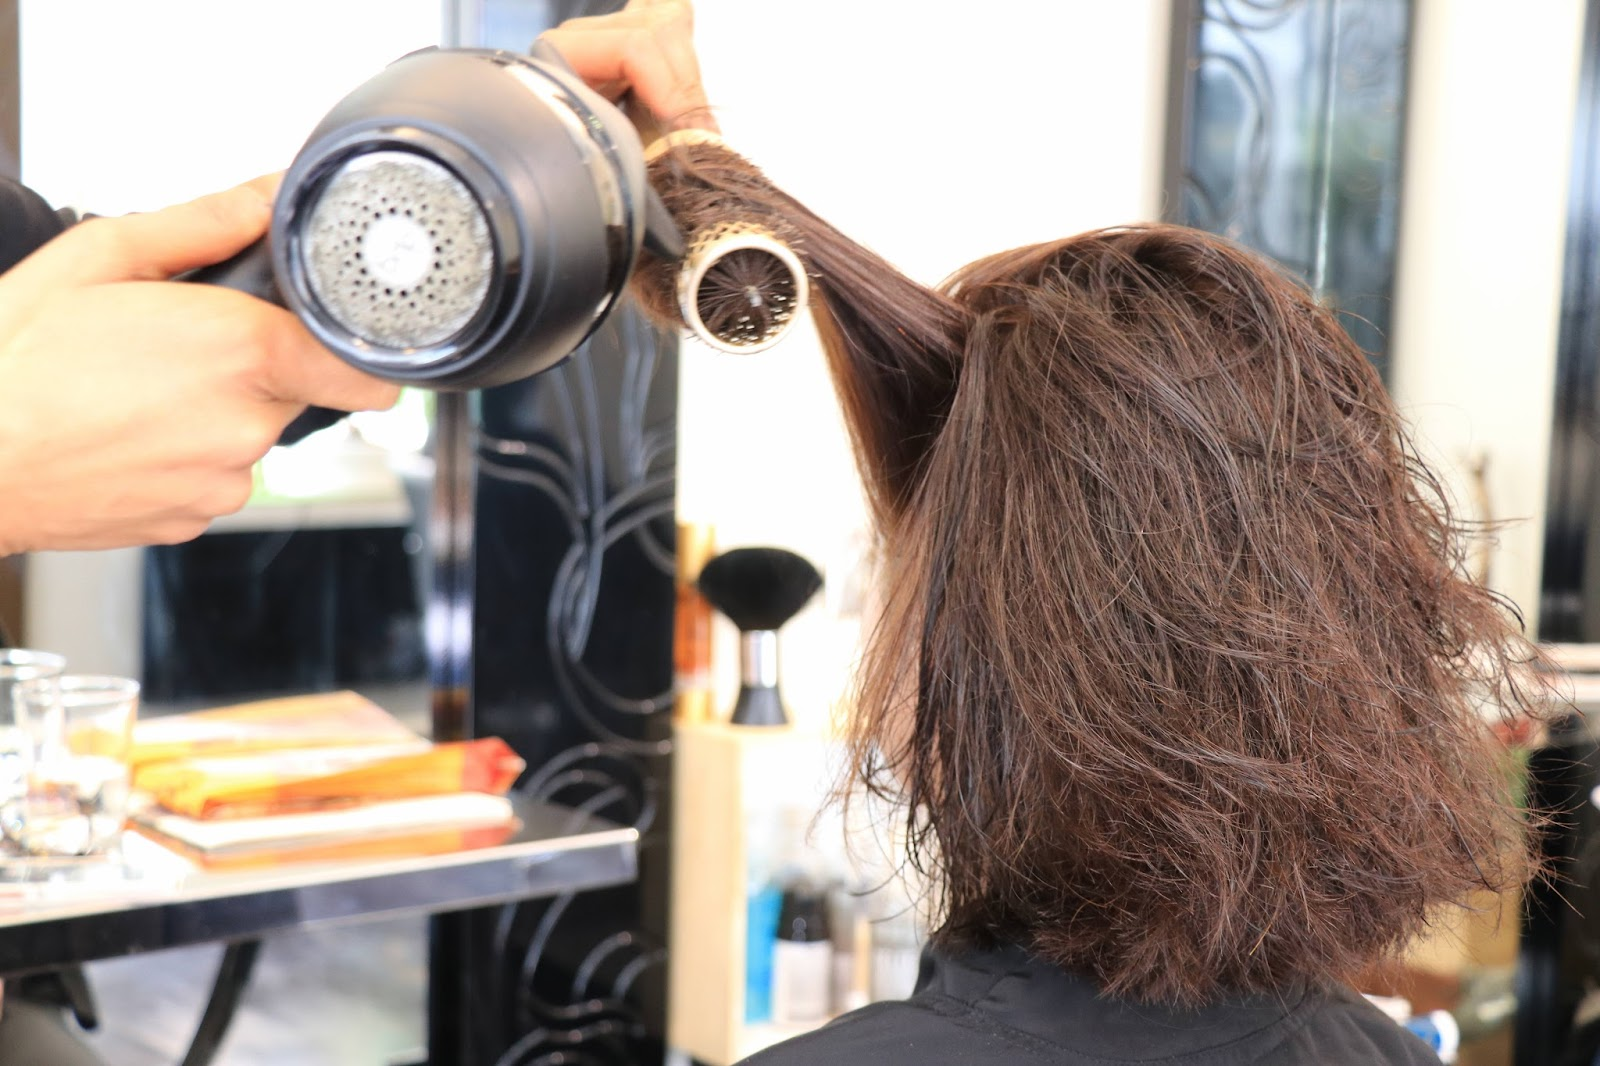 les gommettes de melo gommette beaute bio coloration végétale cheveux naturel plante sans agent chimique biologique coiffeur salon de coiffure rouge garance blond cuivre couvrir les cheveux blancs